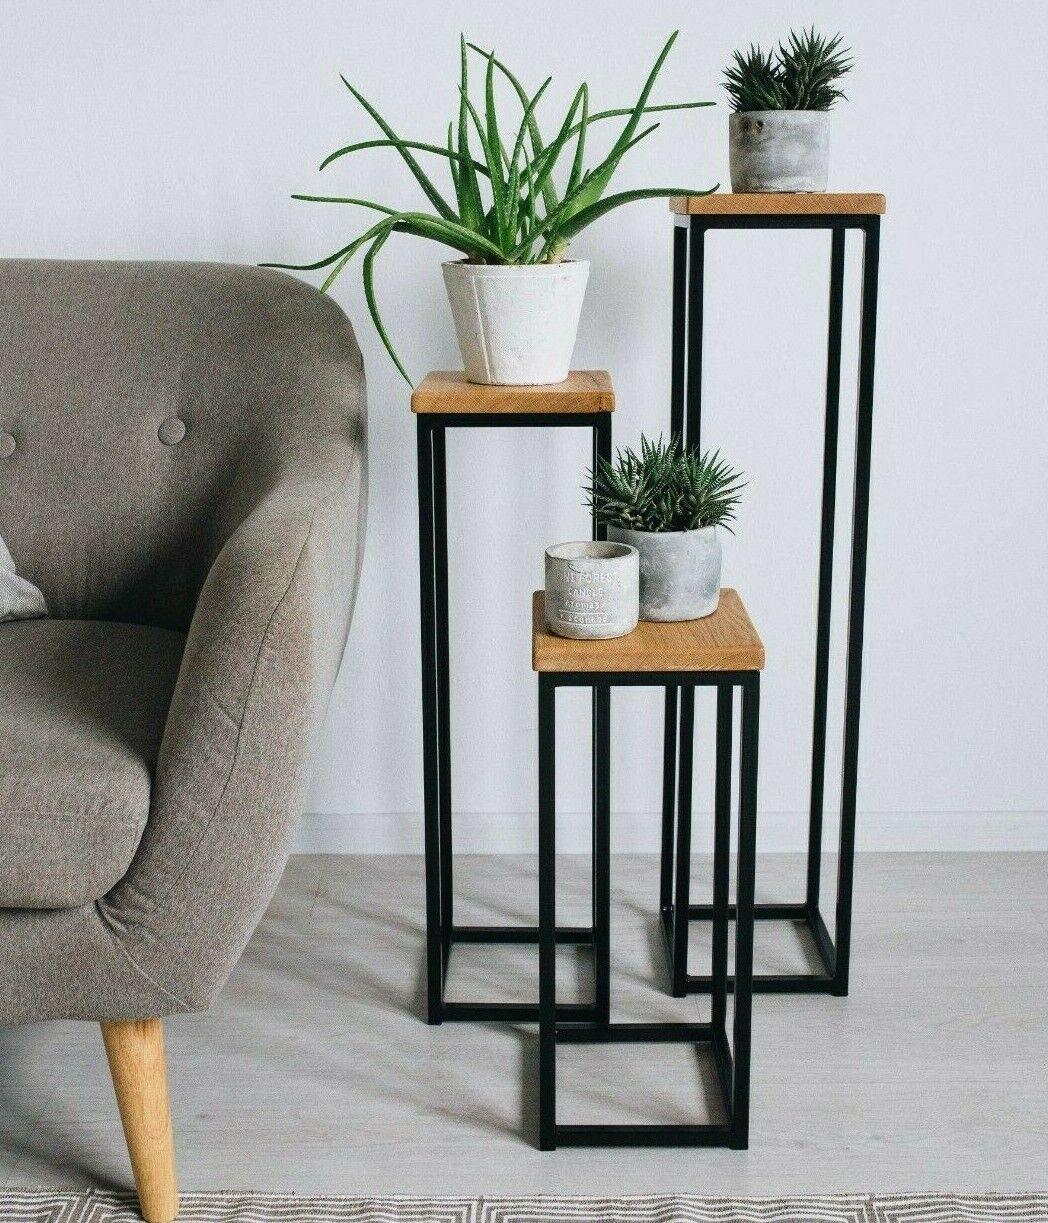 BestLoft Blumensäule Standregal Regal Ablage 50 70 90 cm schwarz weiß Eiche Holz